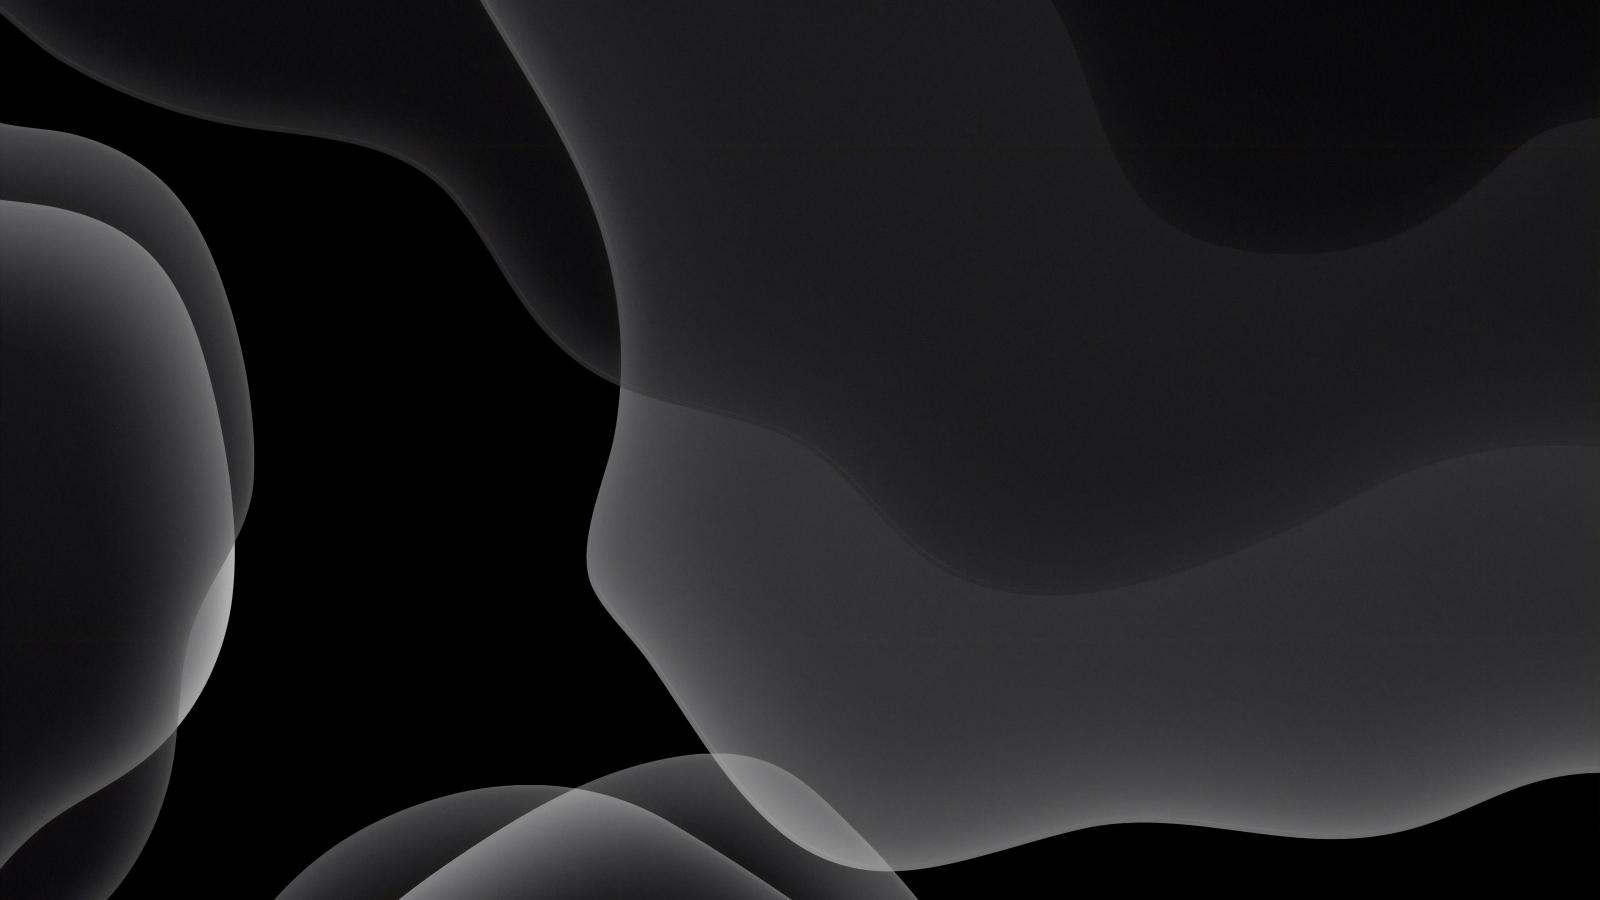 1600x900 Ios 13 Black Dark 1600x900 Resolution Wallpaper Hd